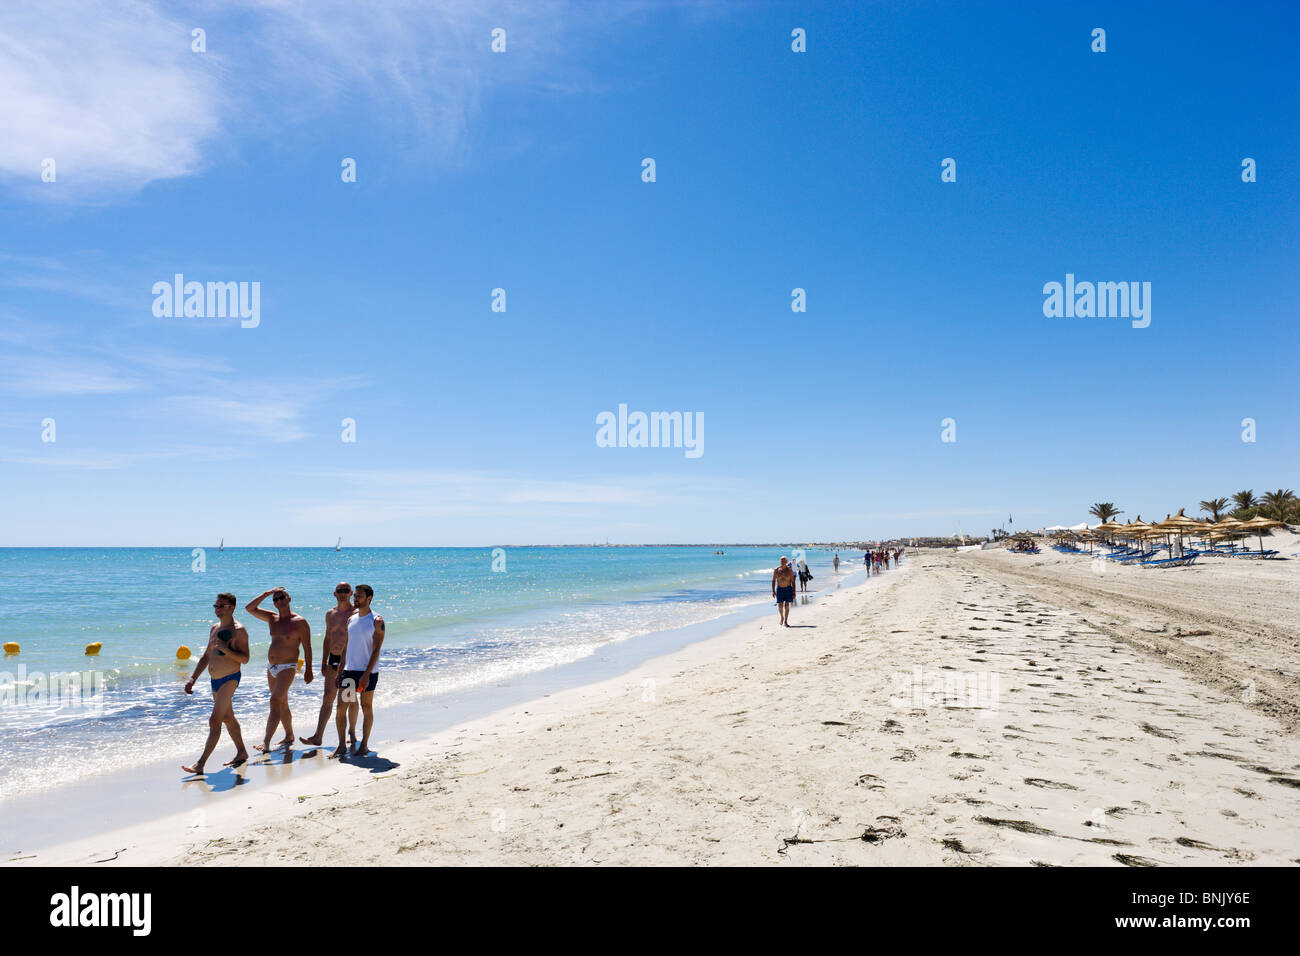 Dans la zone de l'hôtel de plage à proximité de l'Hôtel Club Caribbean World Djerba, Photo Stock